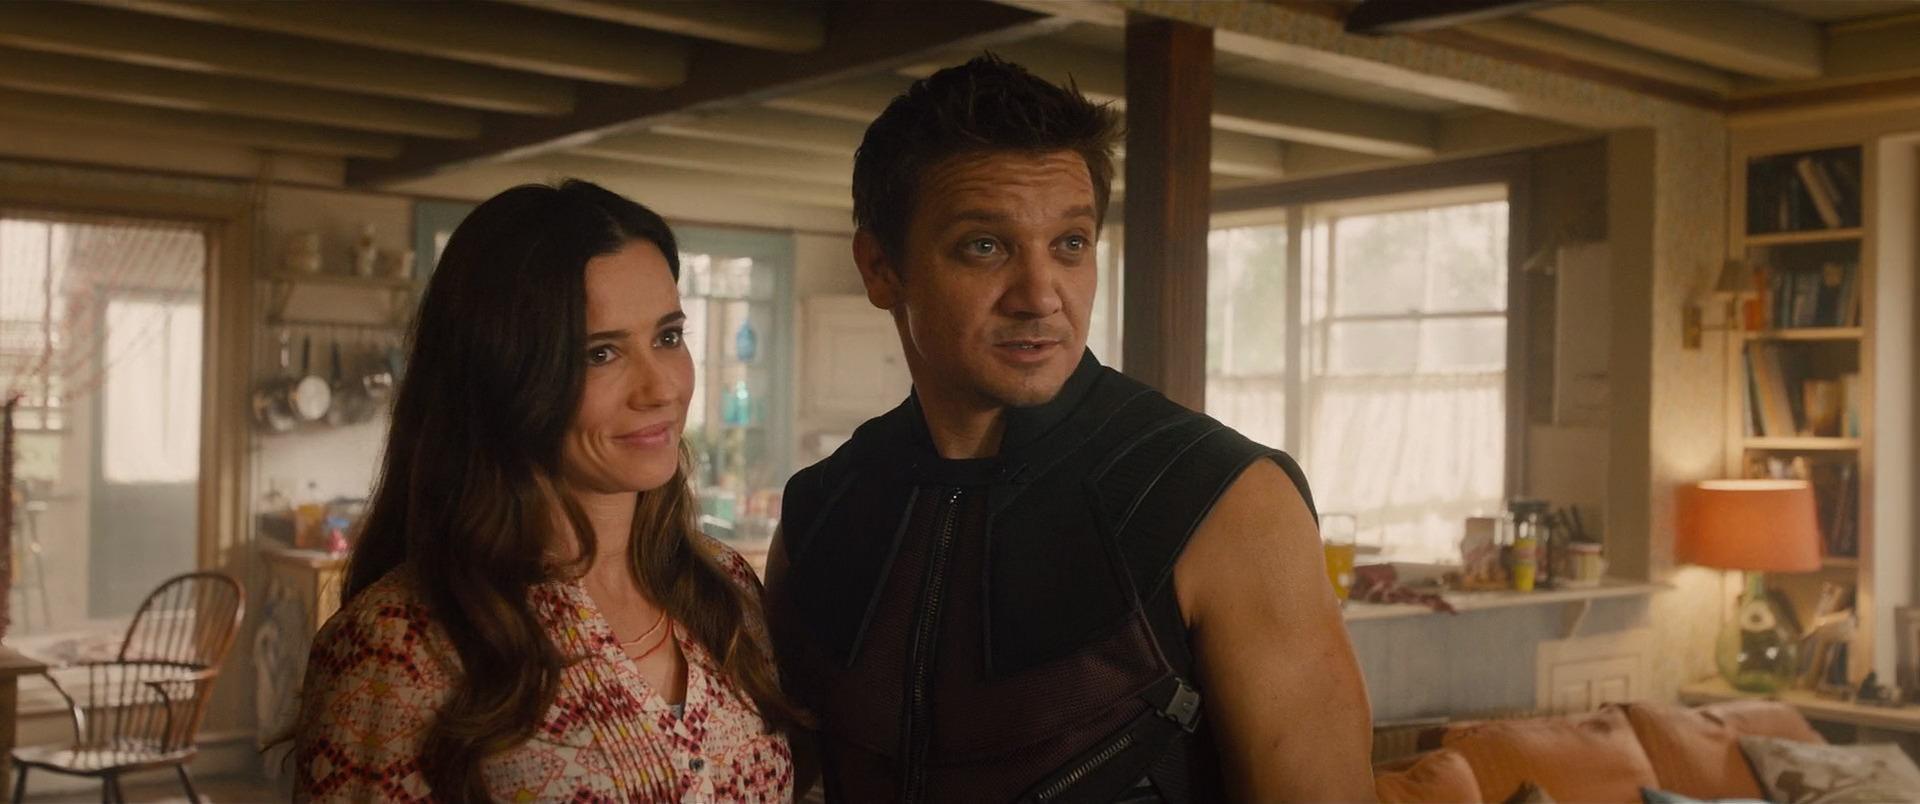 age-ultron-movie-screencaps.com-7223